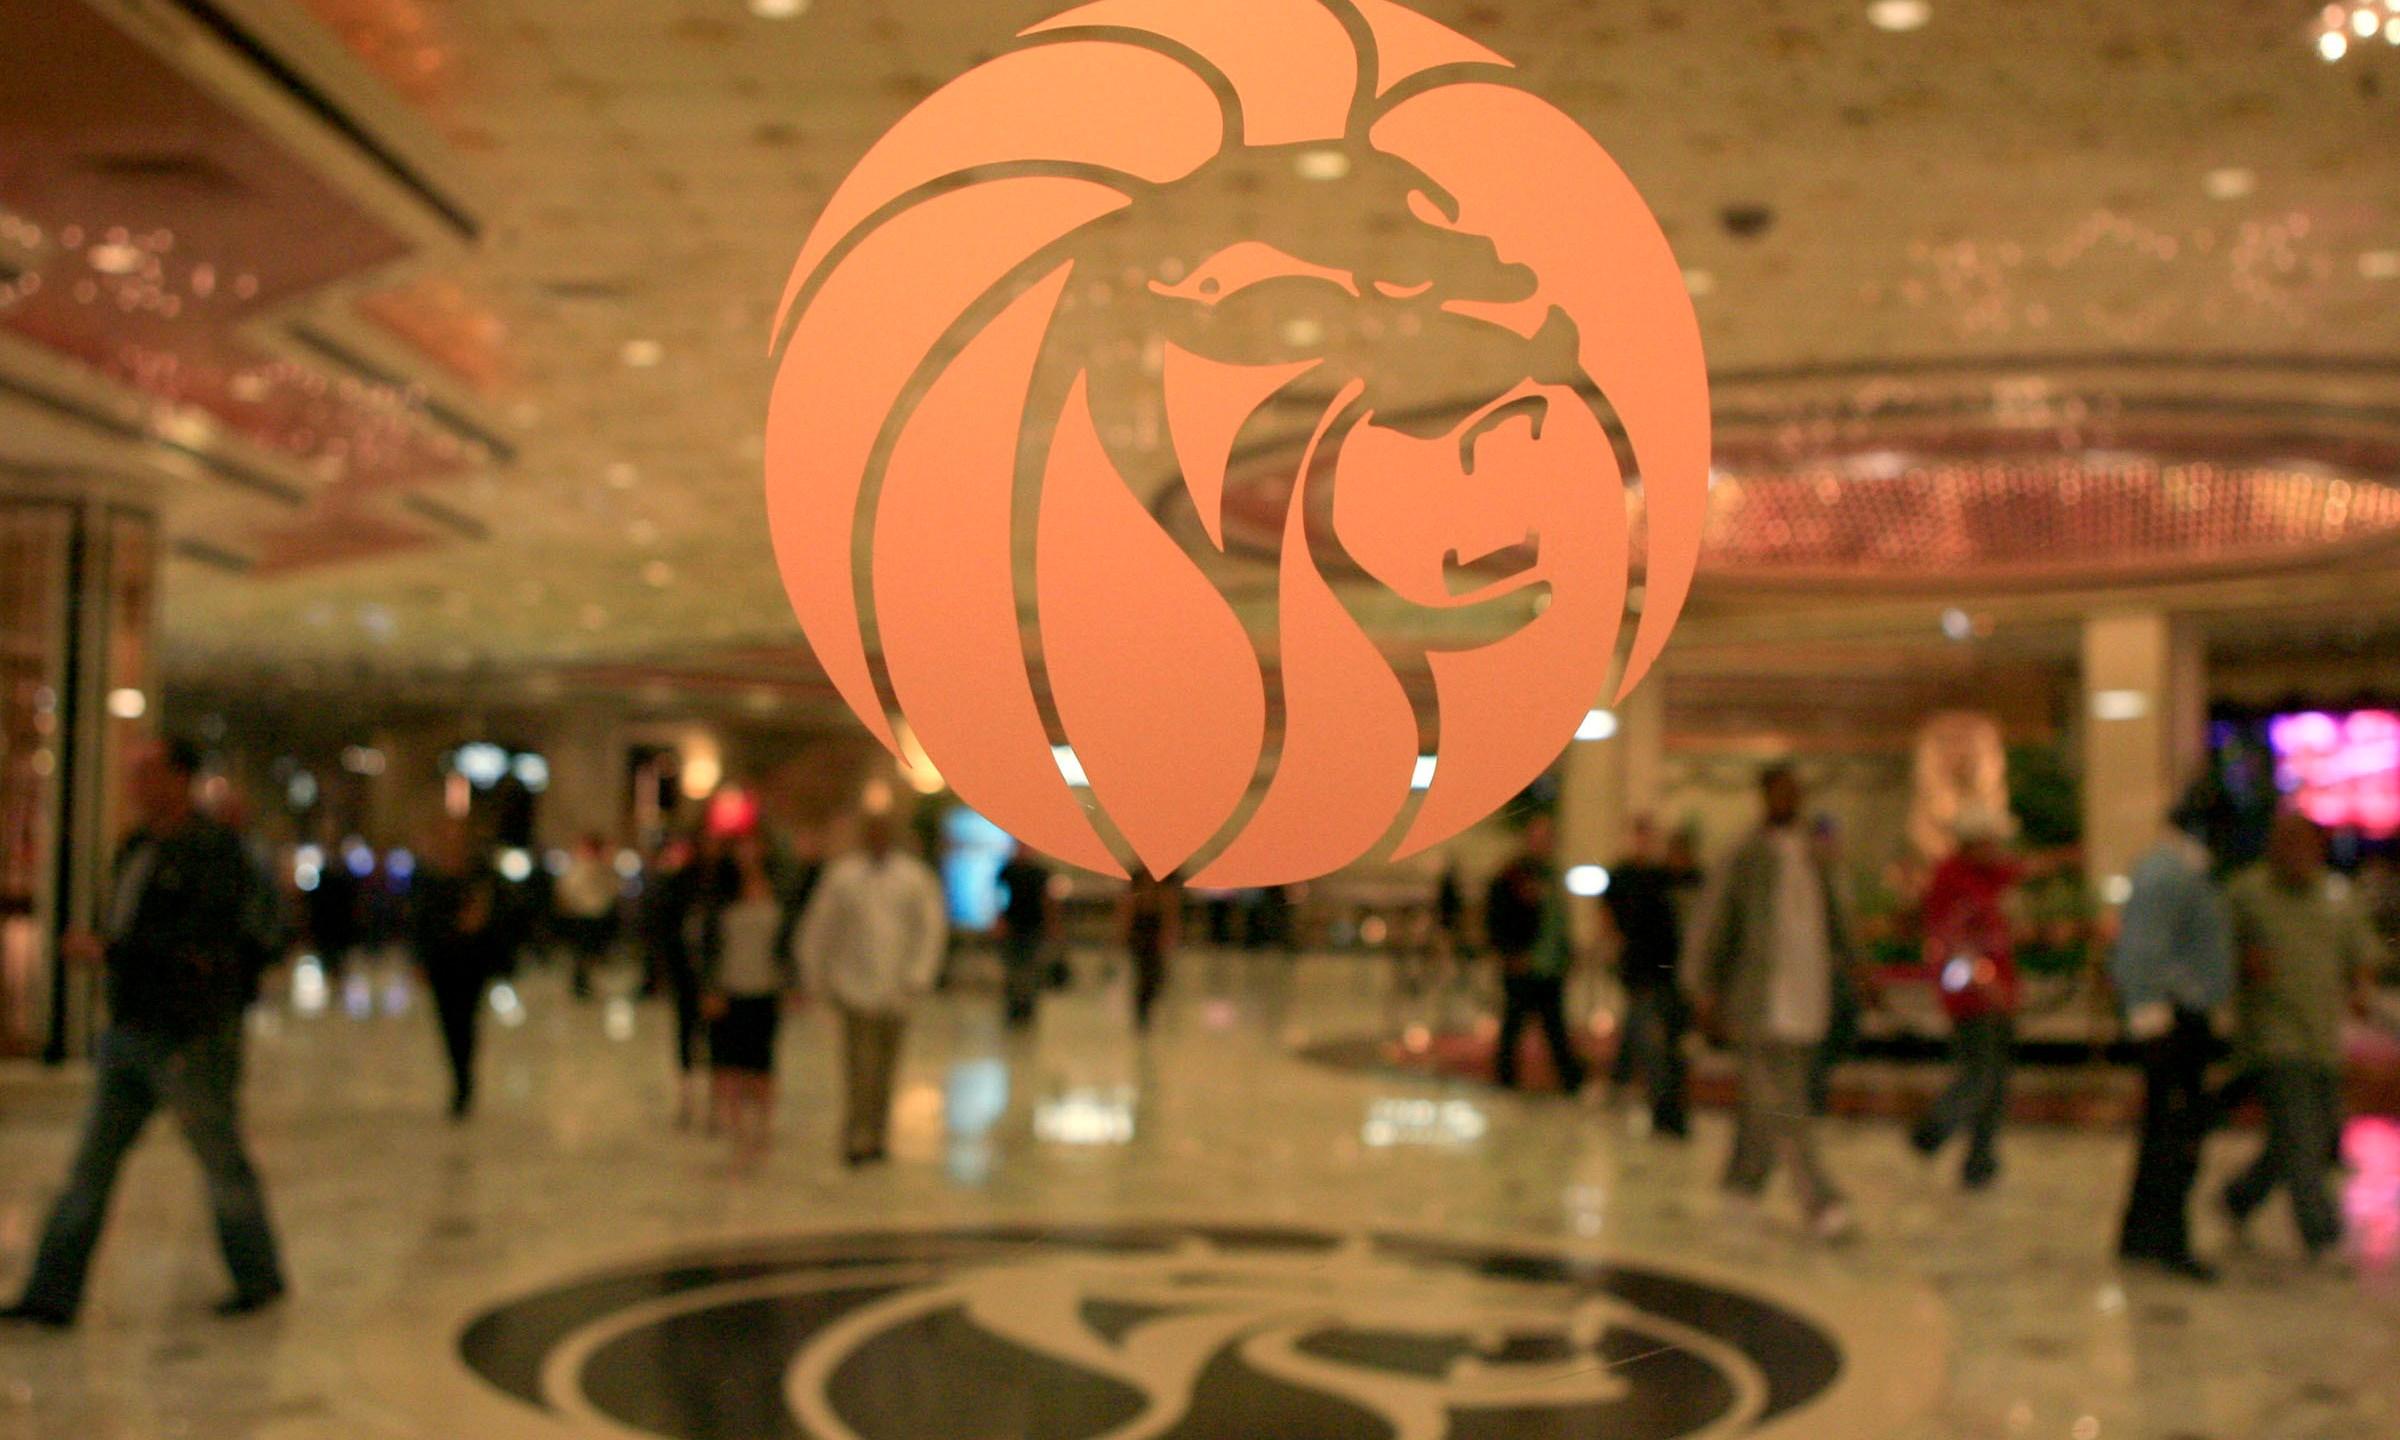 Las_Vegas_Shooting_MGM_08983-159532.jpg36060727